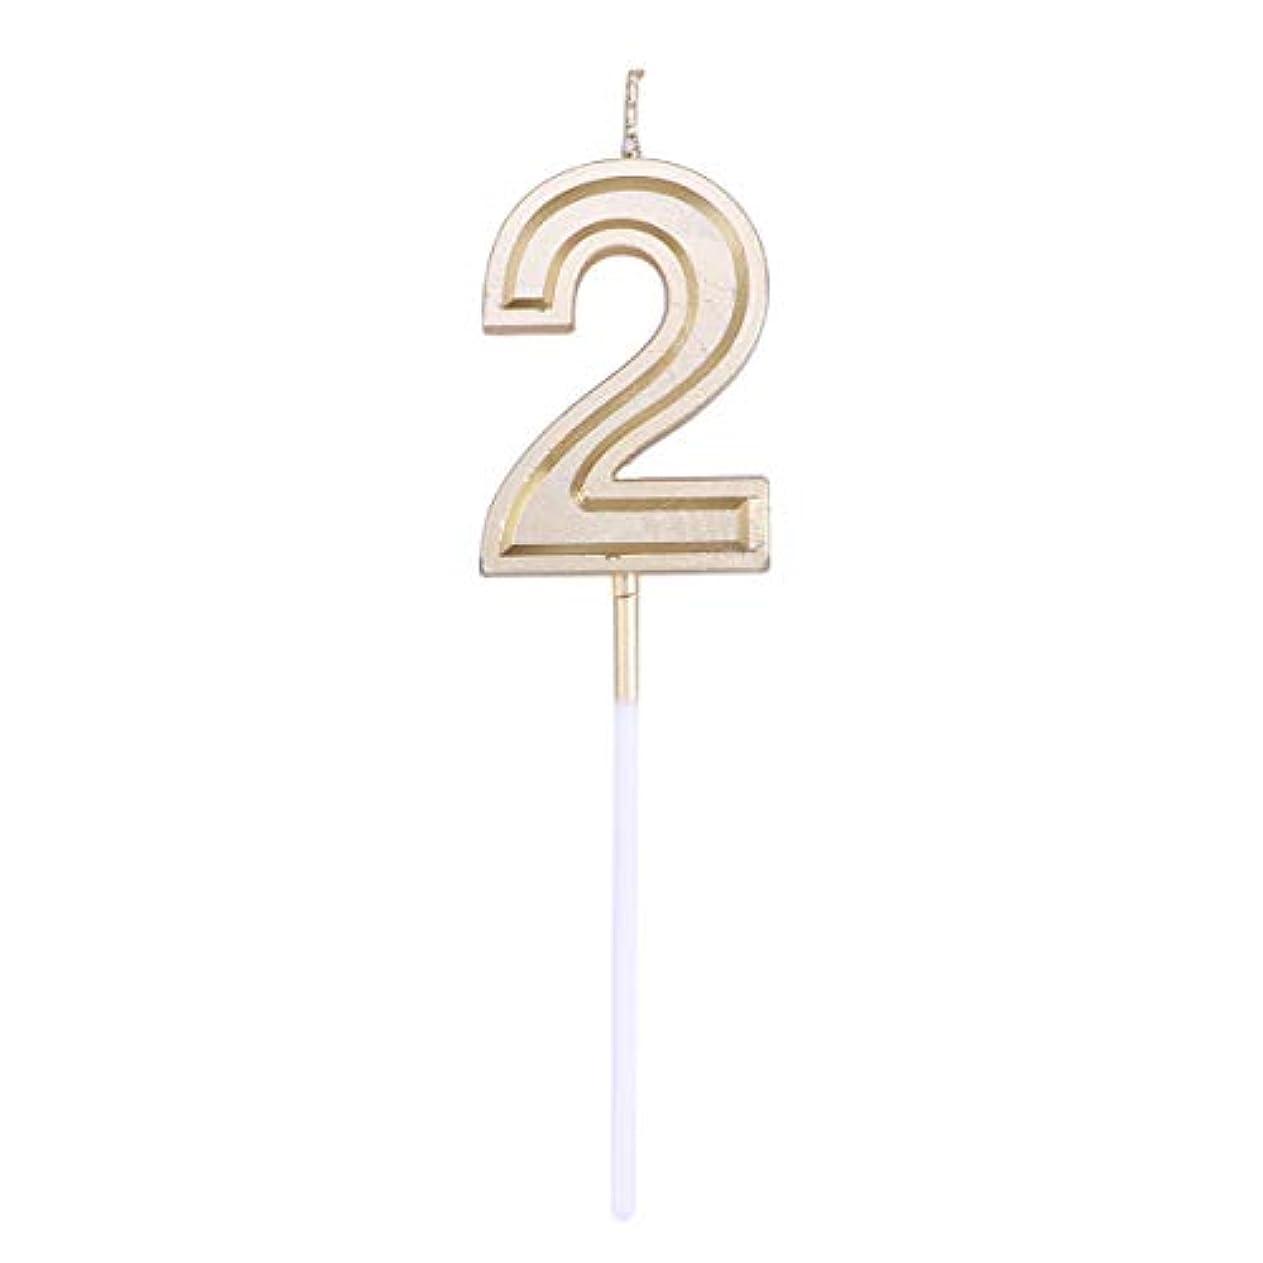 いつでも説得ショッピングセンターToyvian ゴールドラメ誕生日おめでとう数字キャンドル番号キャンドルケーキトッパー装飾用大人キッズパーティー(ナンバー2)